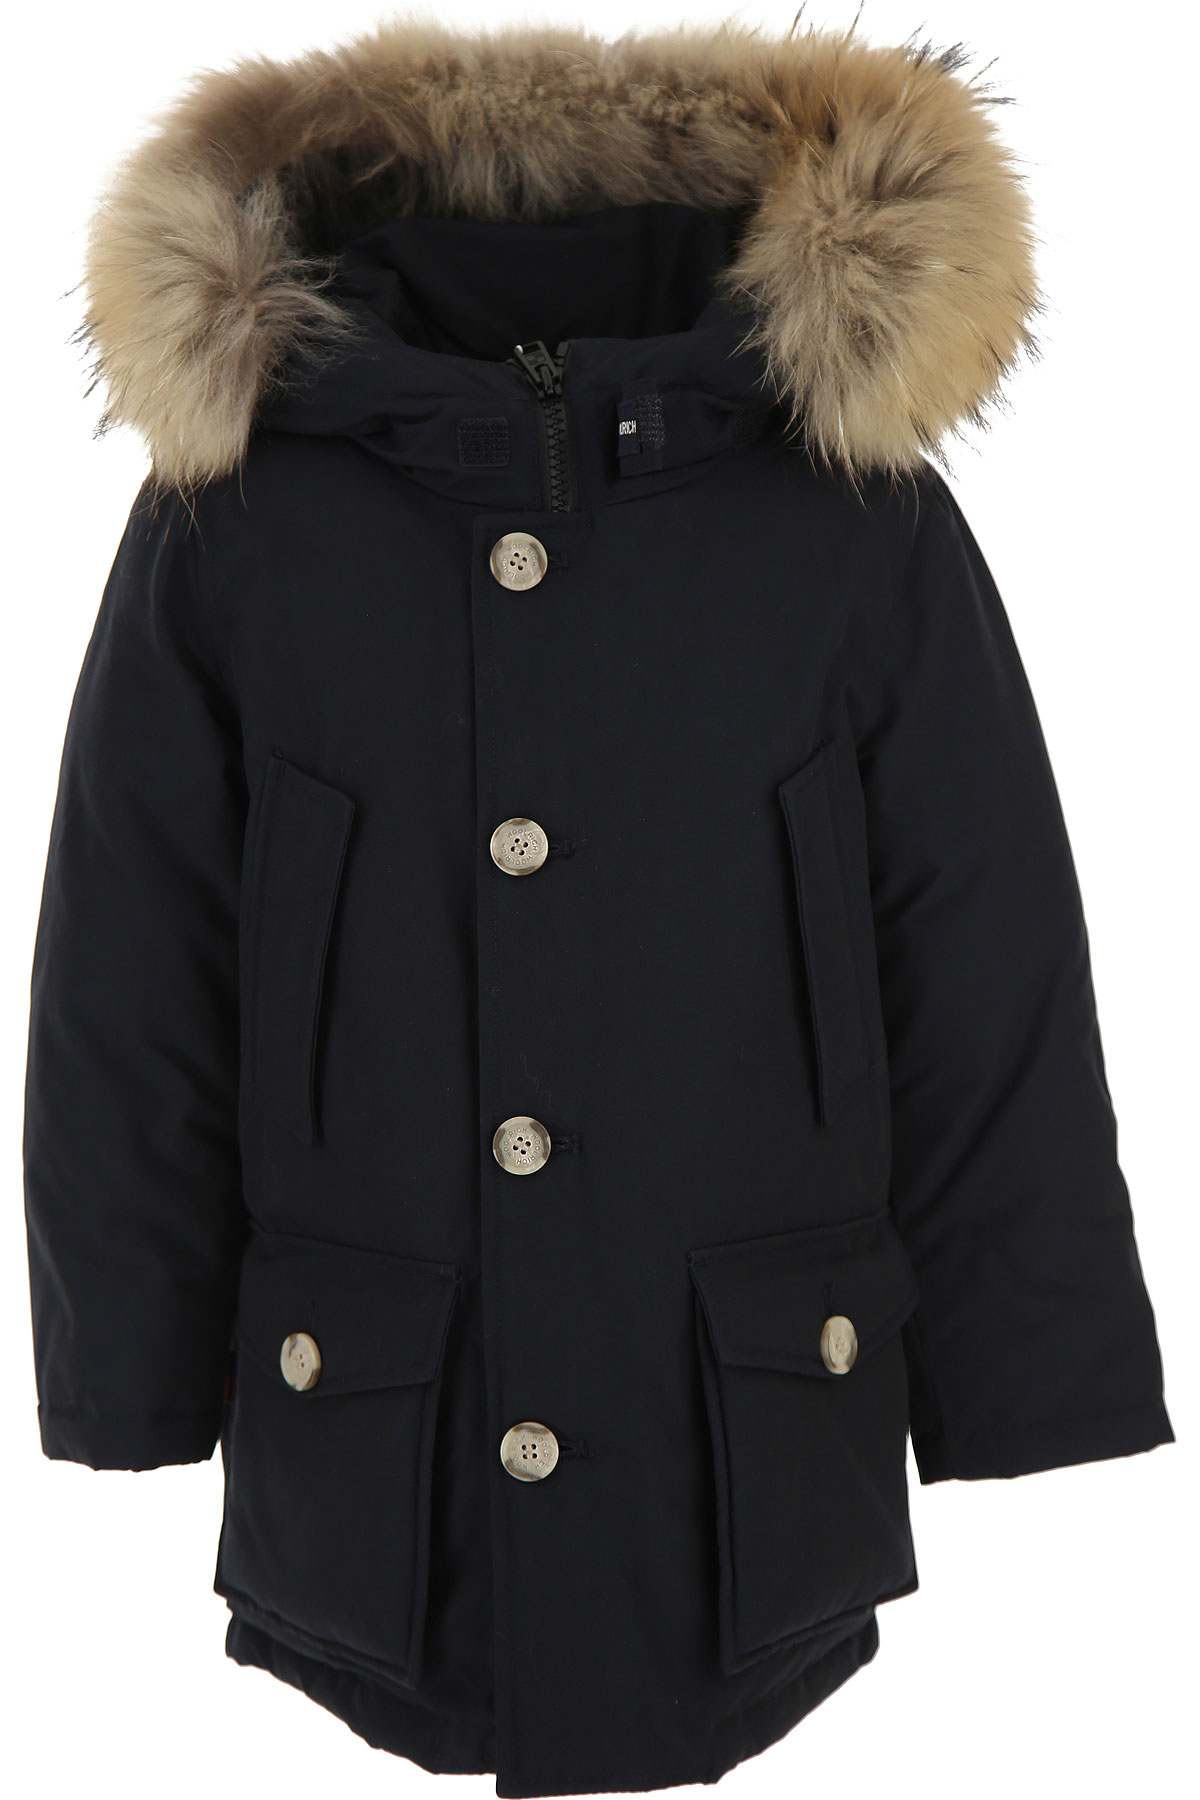 Woolrich Boys Down Jacket for Kids, Puffer Ski Jacket On Sale, Black, Cotton, 2019, 10Y 12Y 14Y 16Y 4Y 6Y 8Y